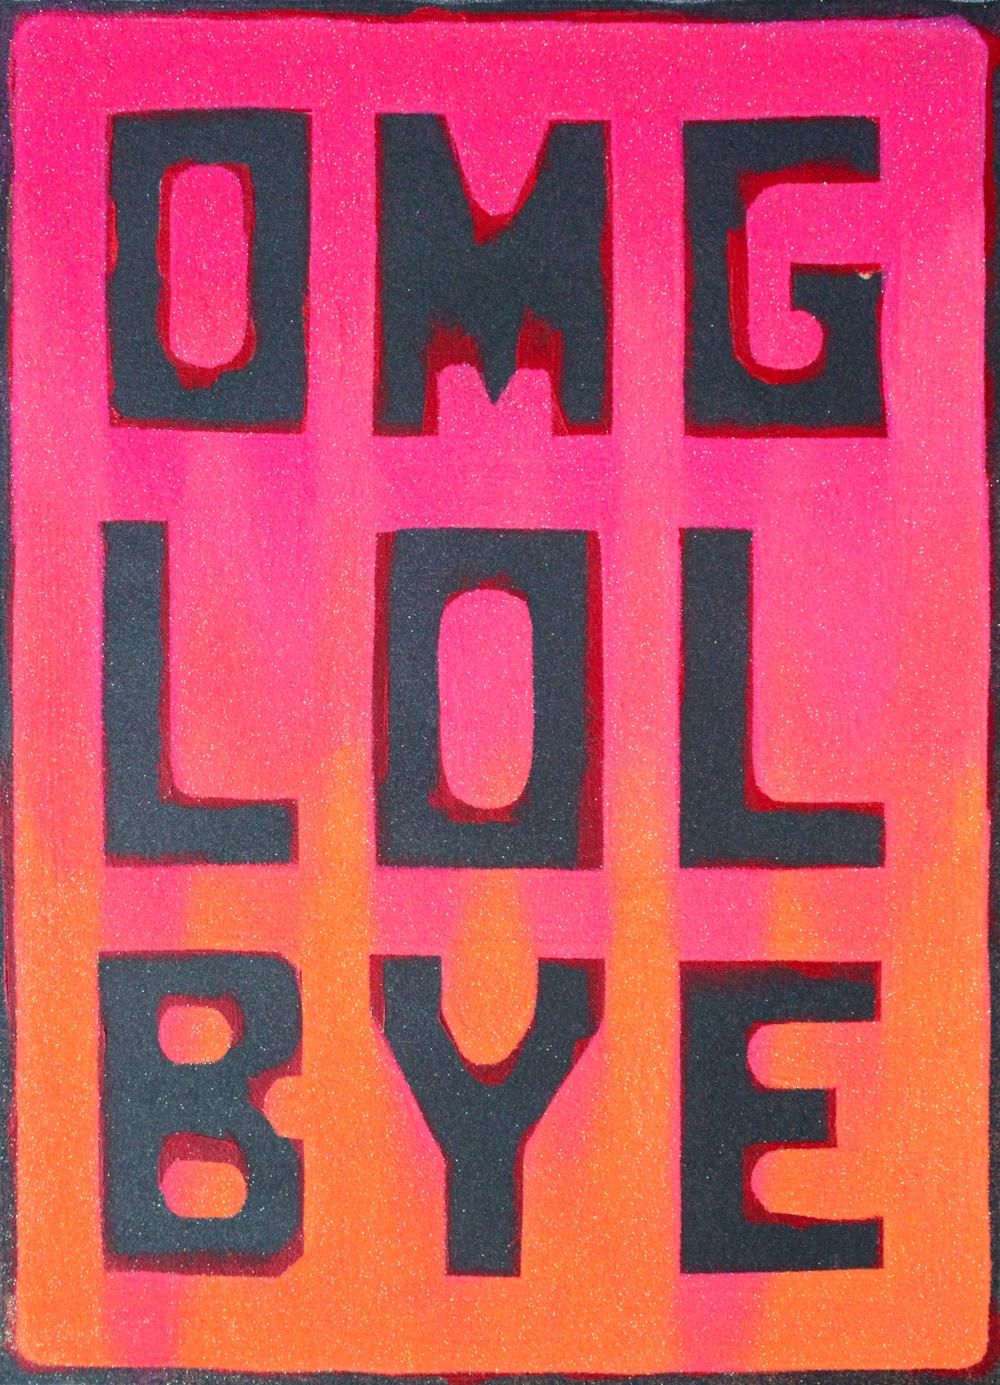 OMGLOLBYE+Small.jpg